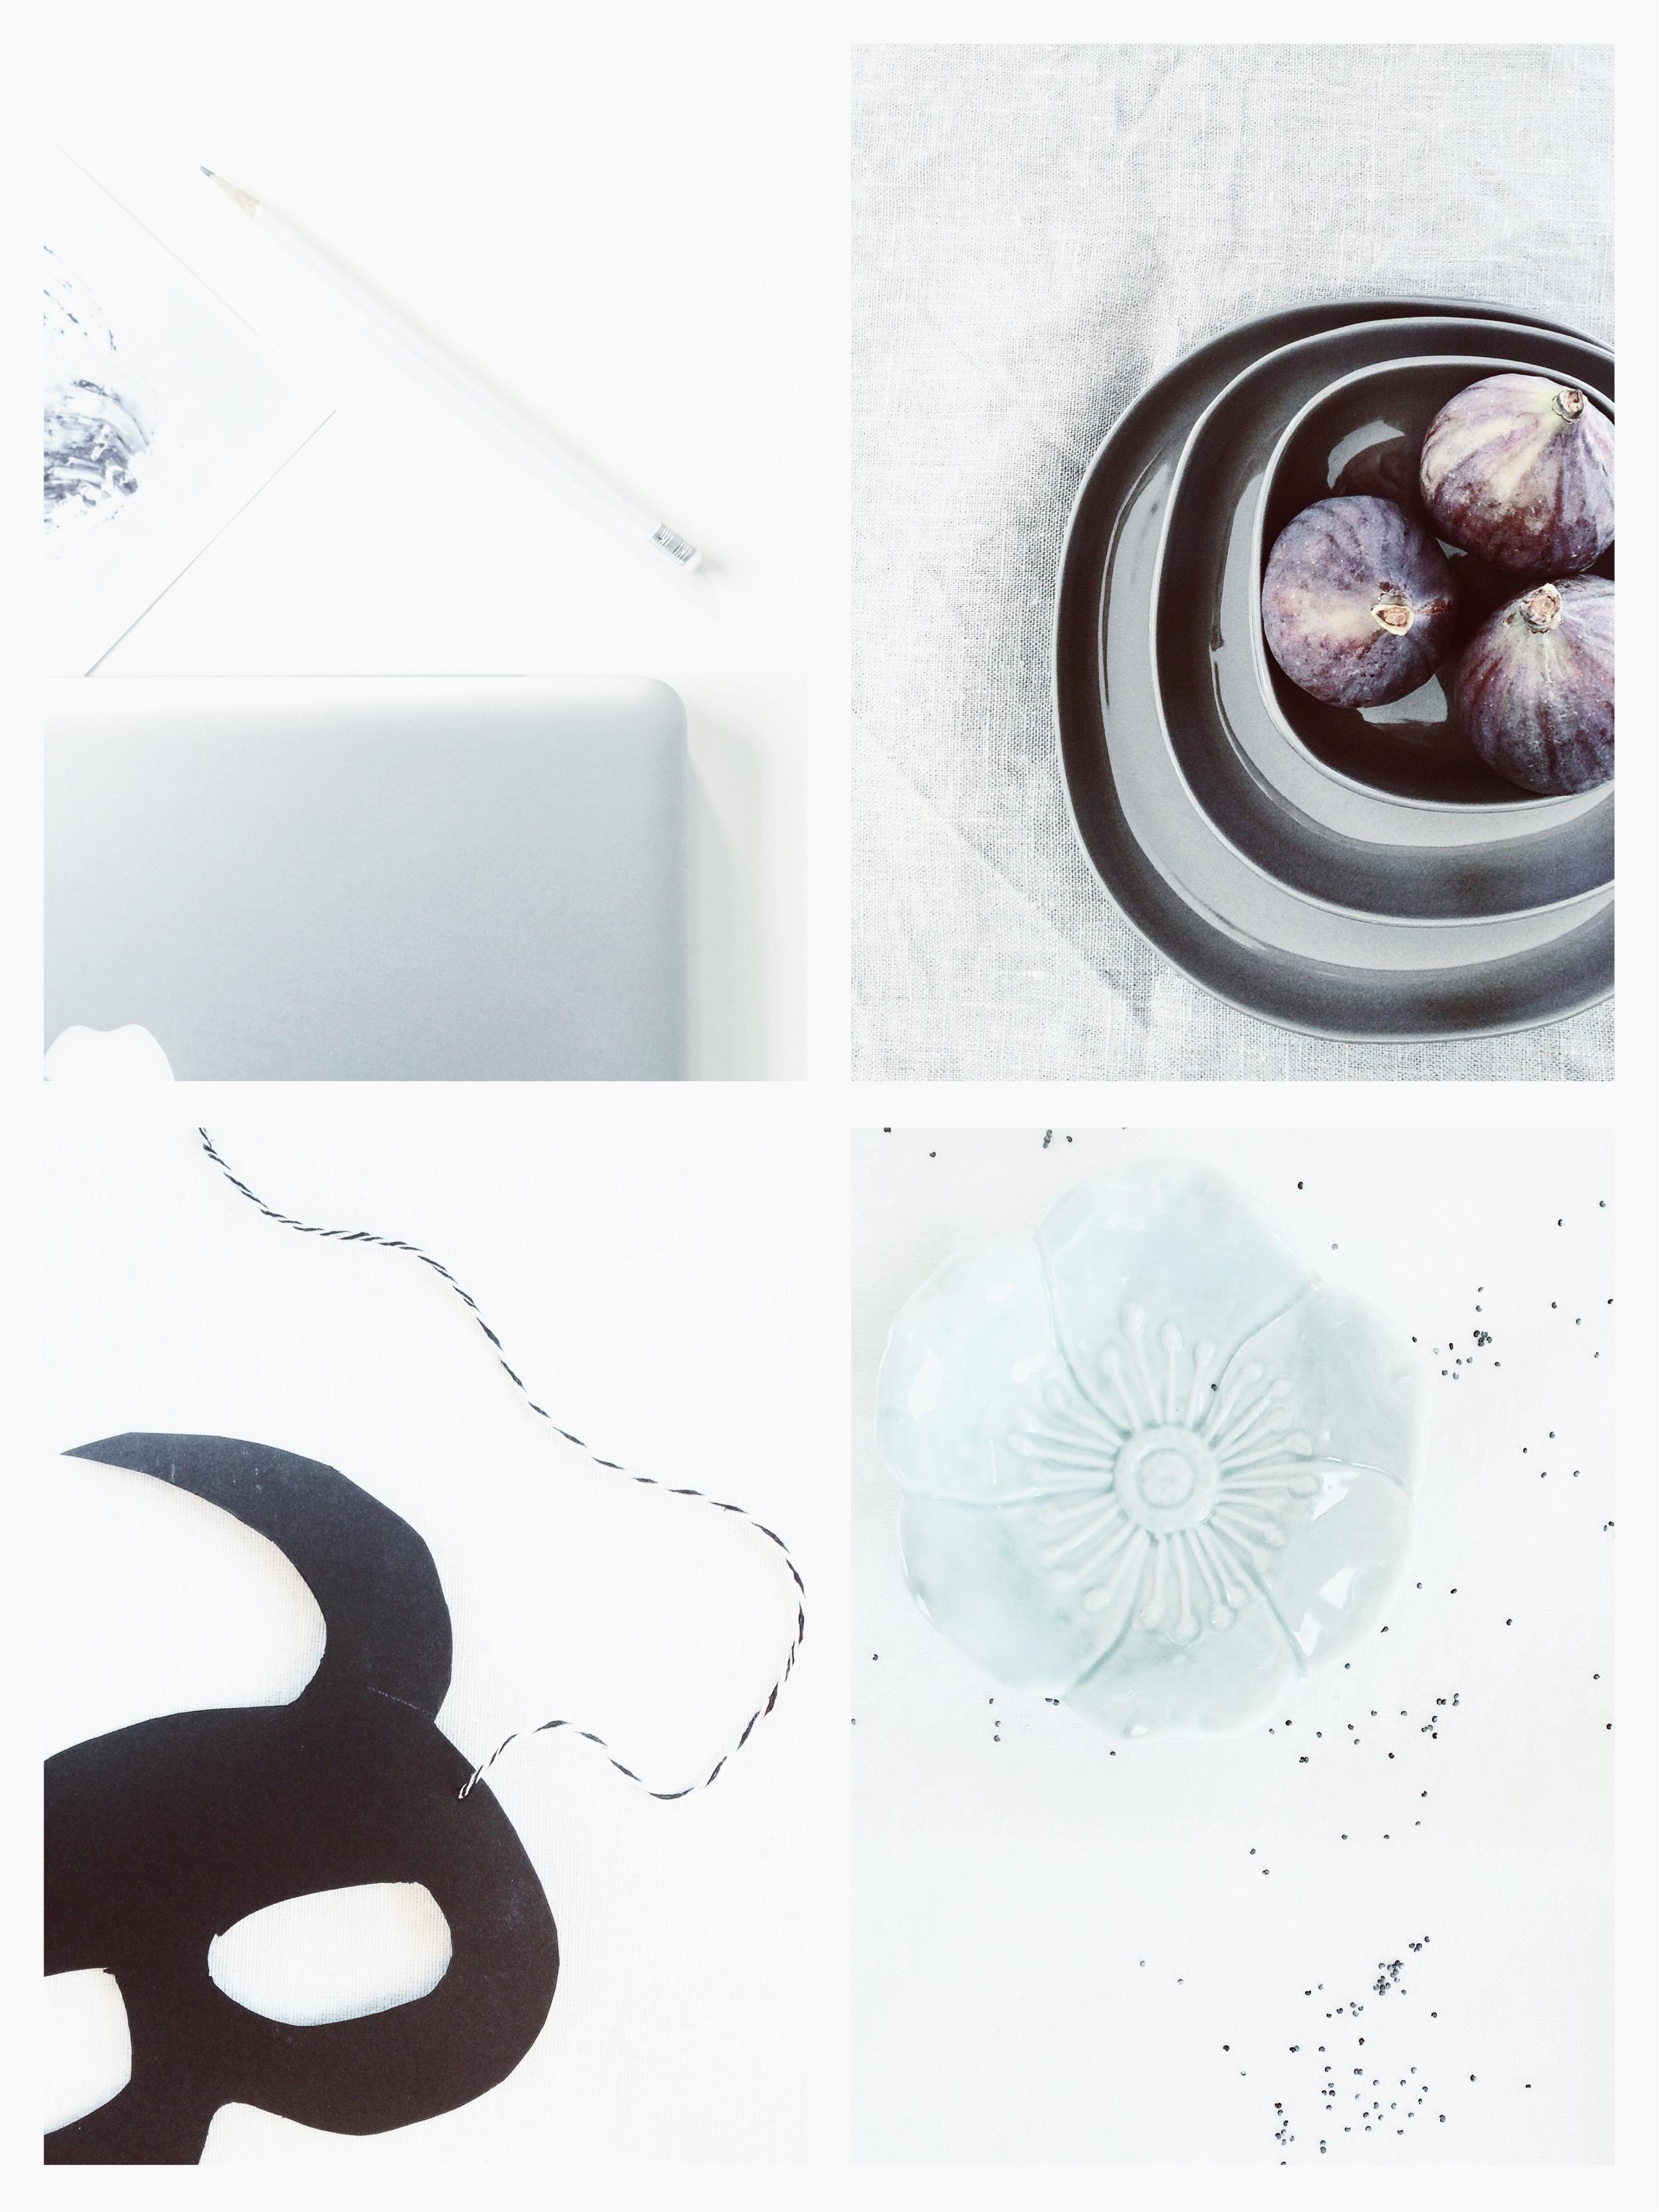 Collage-Oktober-Instagram-Jennadores-Blog-Rückblick-Bloggen-und-arbeiten